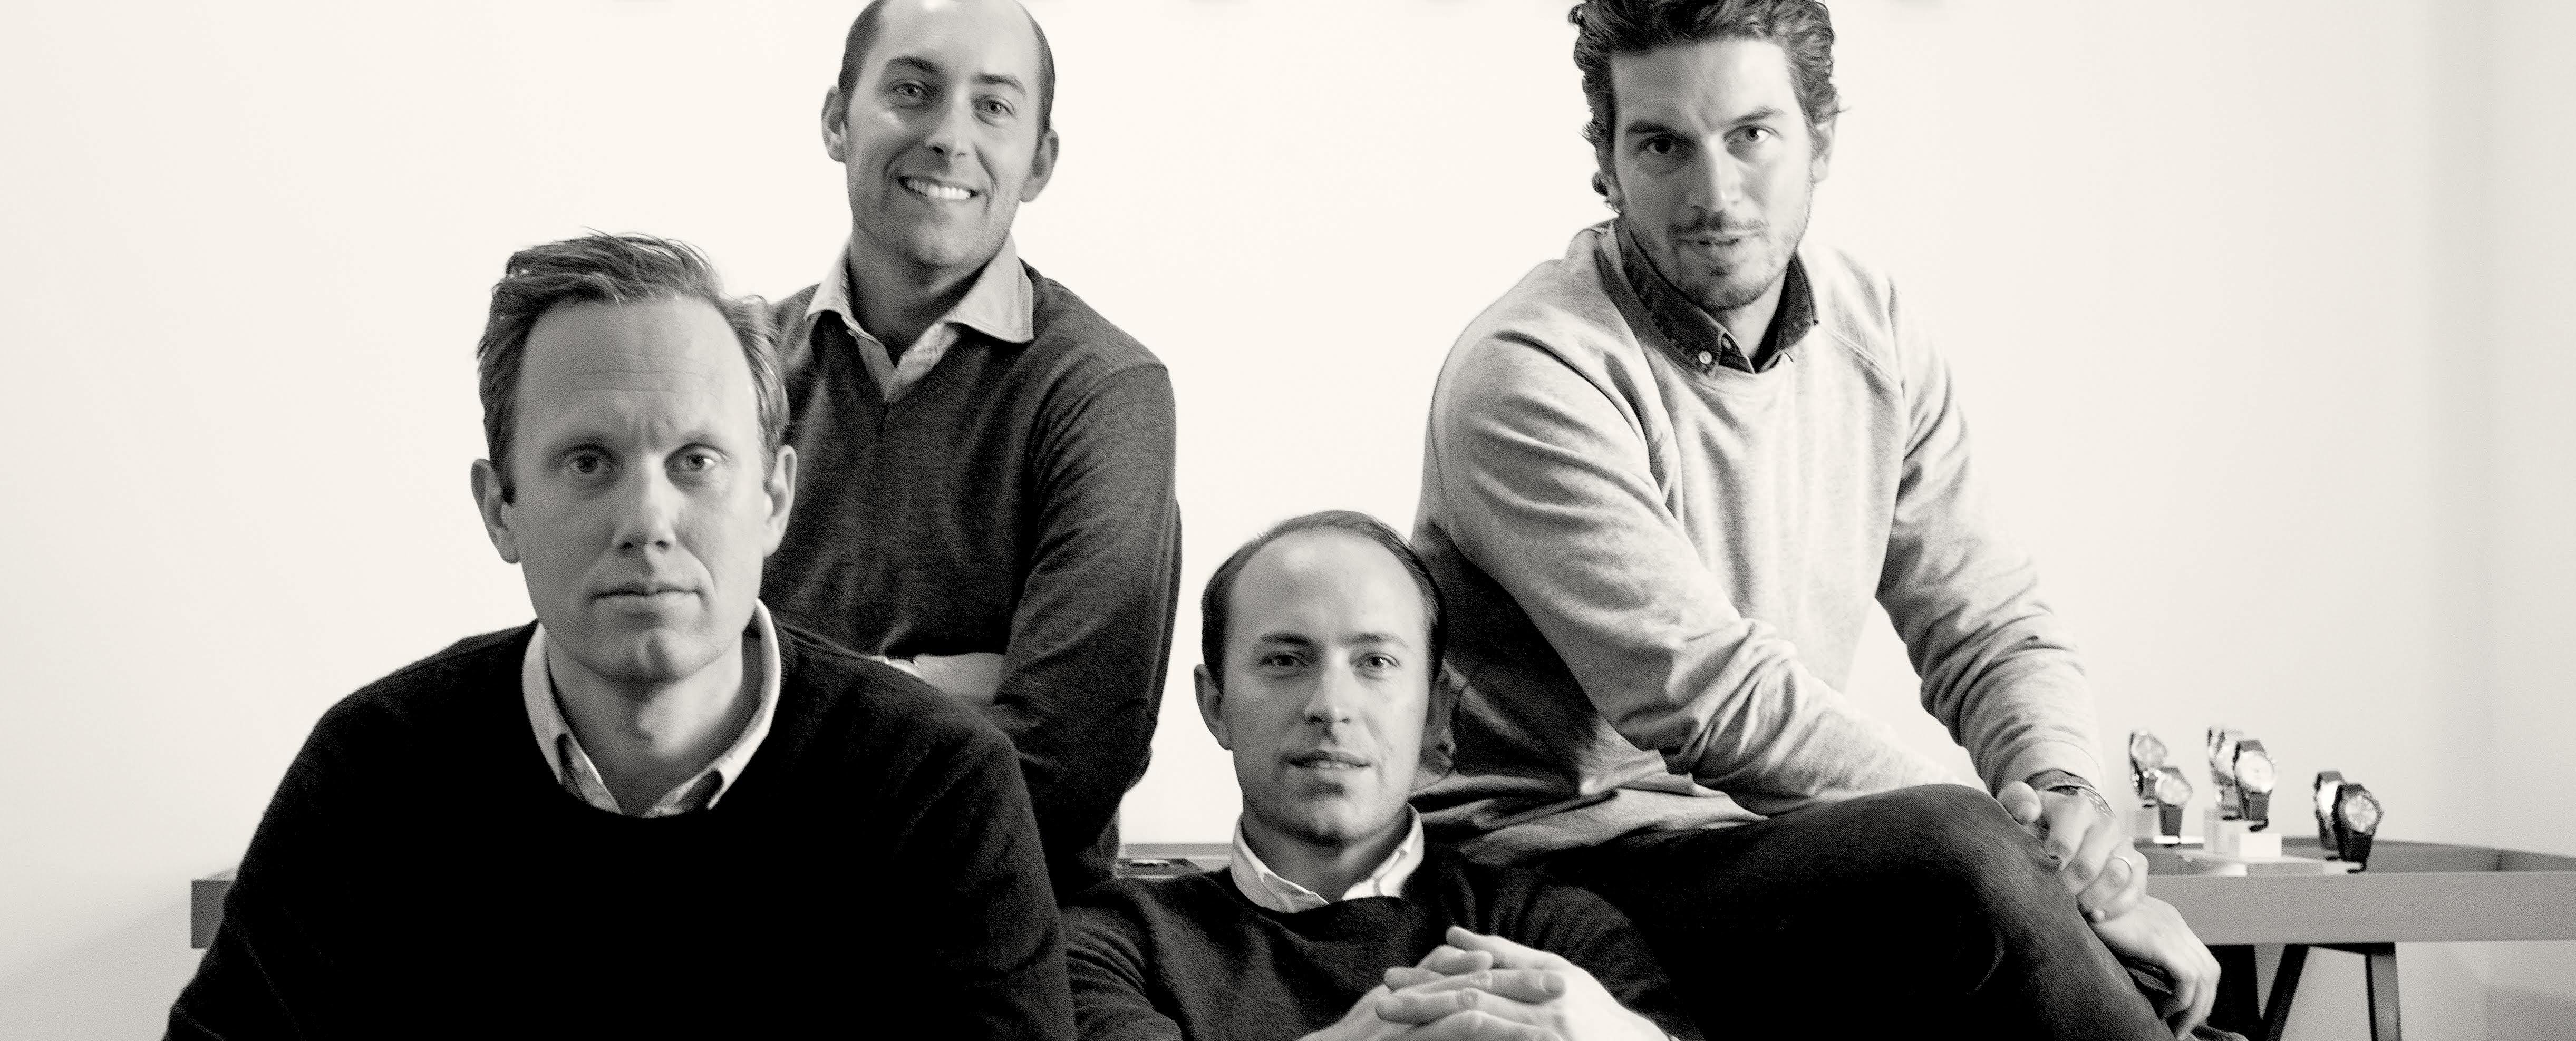 Intervju; Vännerna bakom succéföretaget TRIWA firar 10 år av transformation